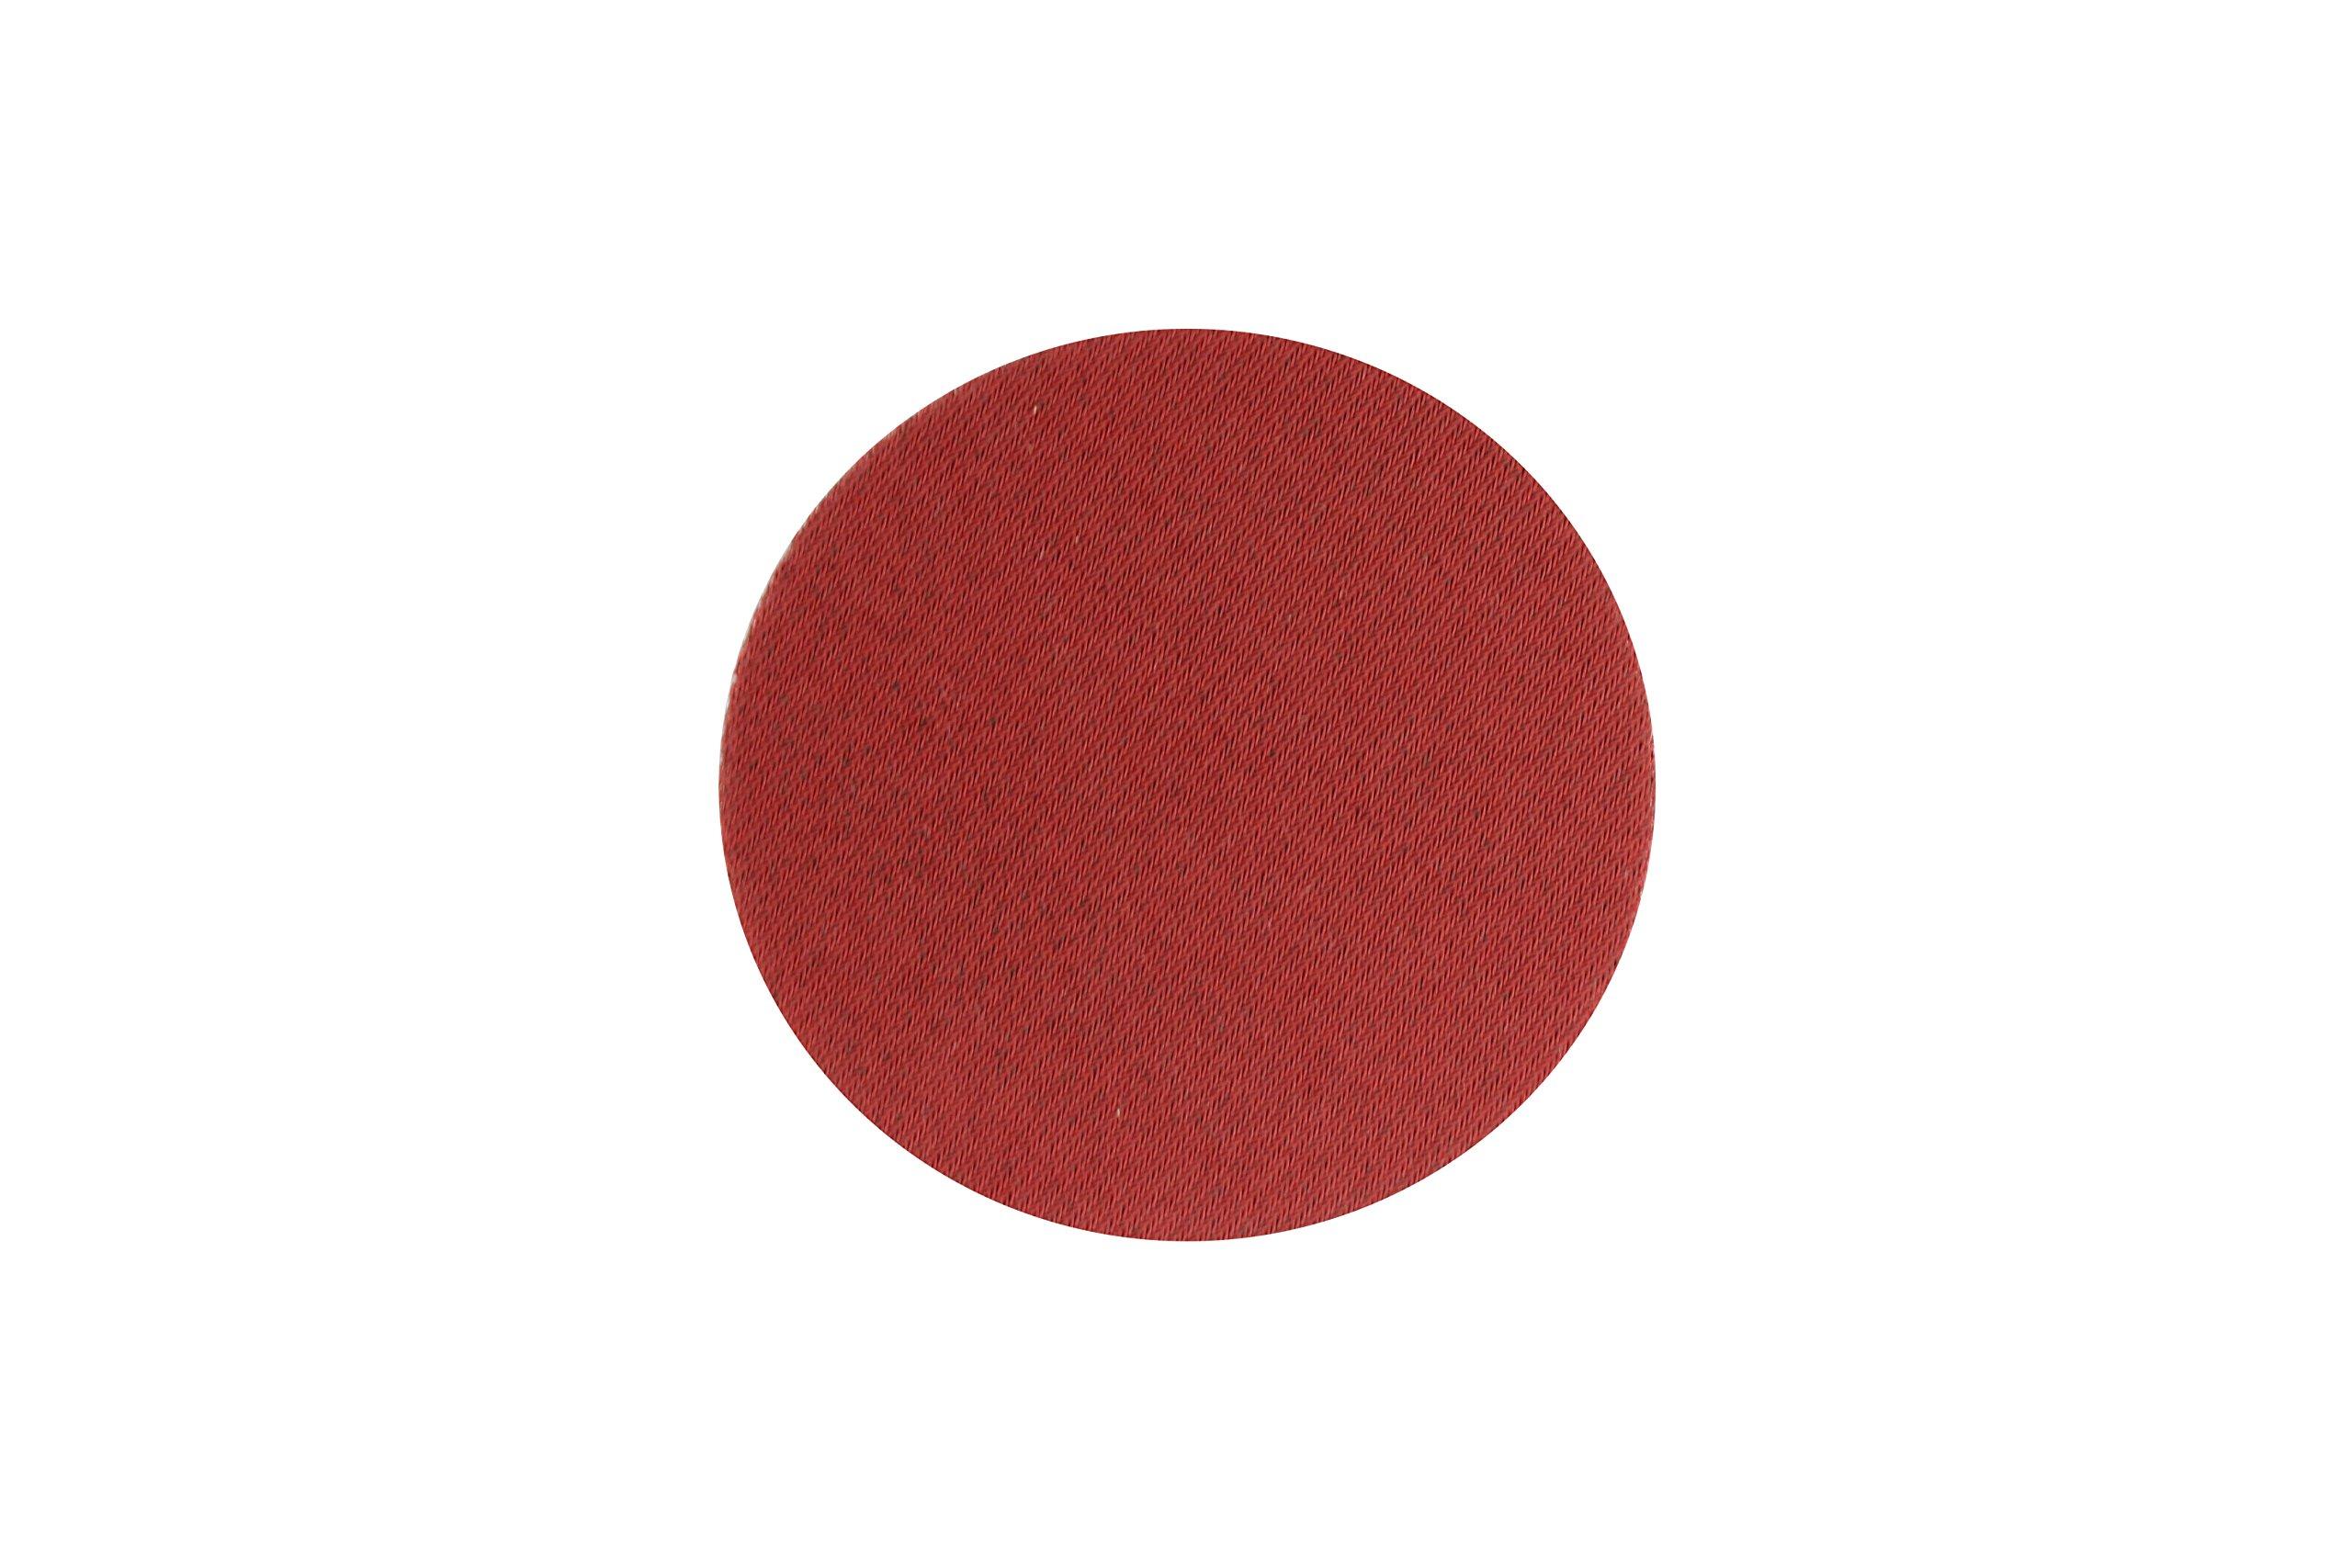 Sunmight 96123 3'' No Hole Velcro Foam Disc (Sunfoam Grit 2000)